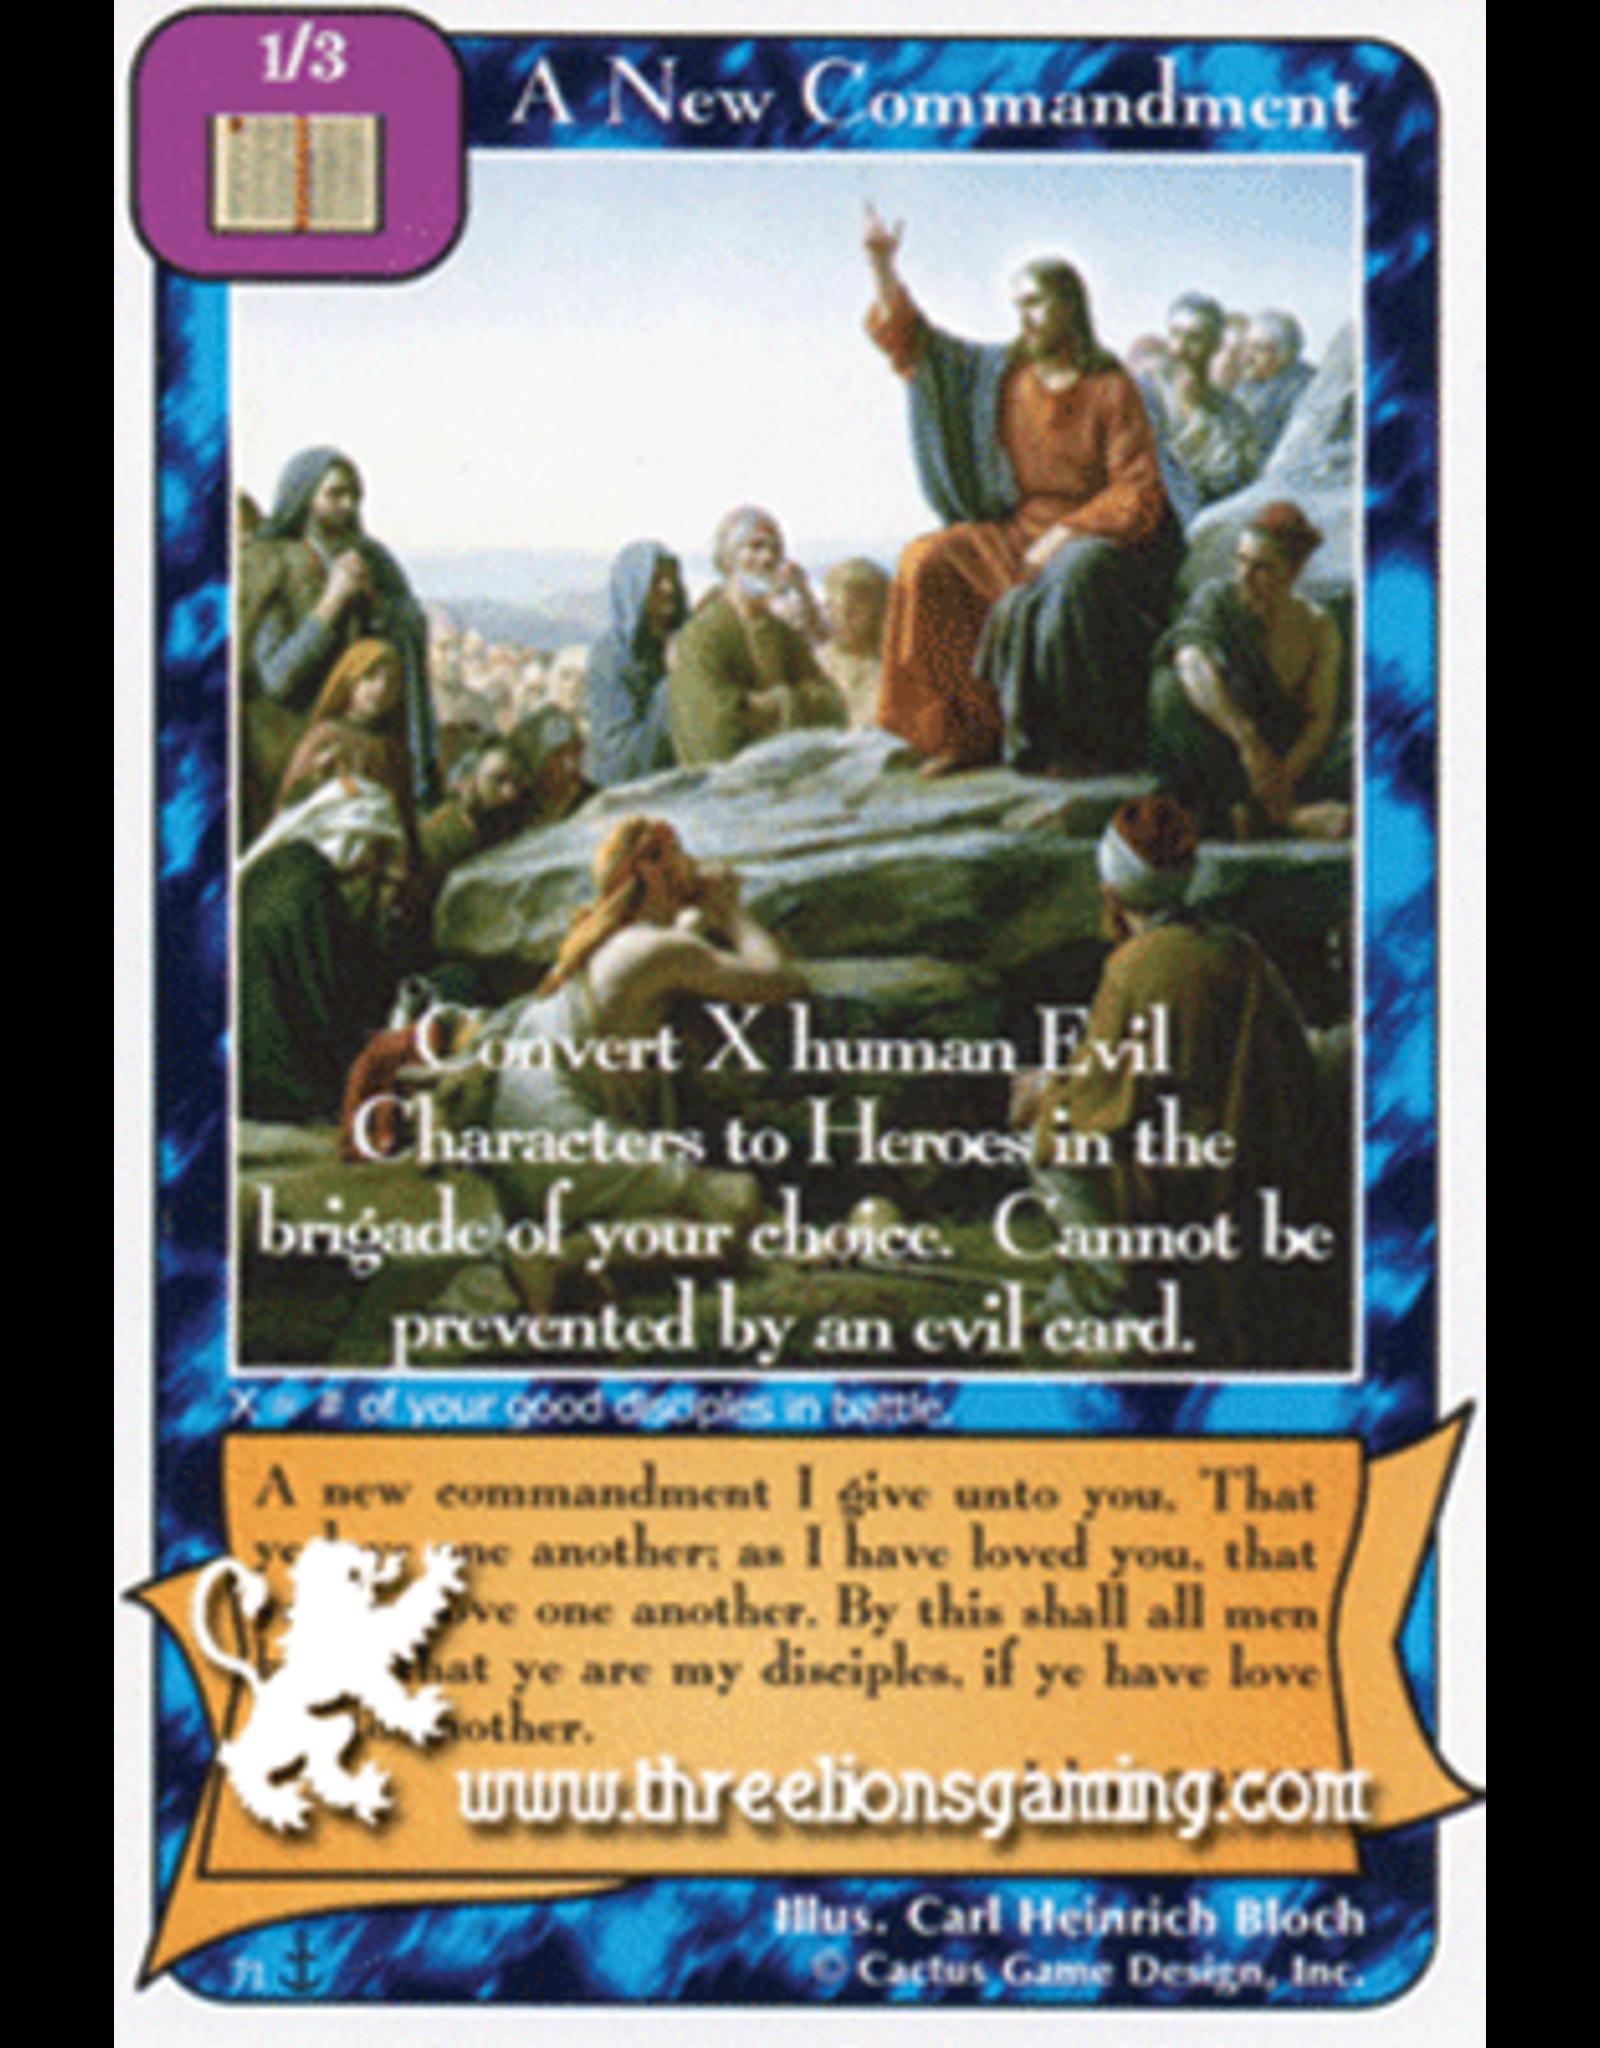 Di: A New Commandment